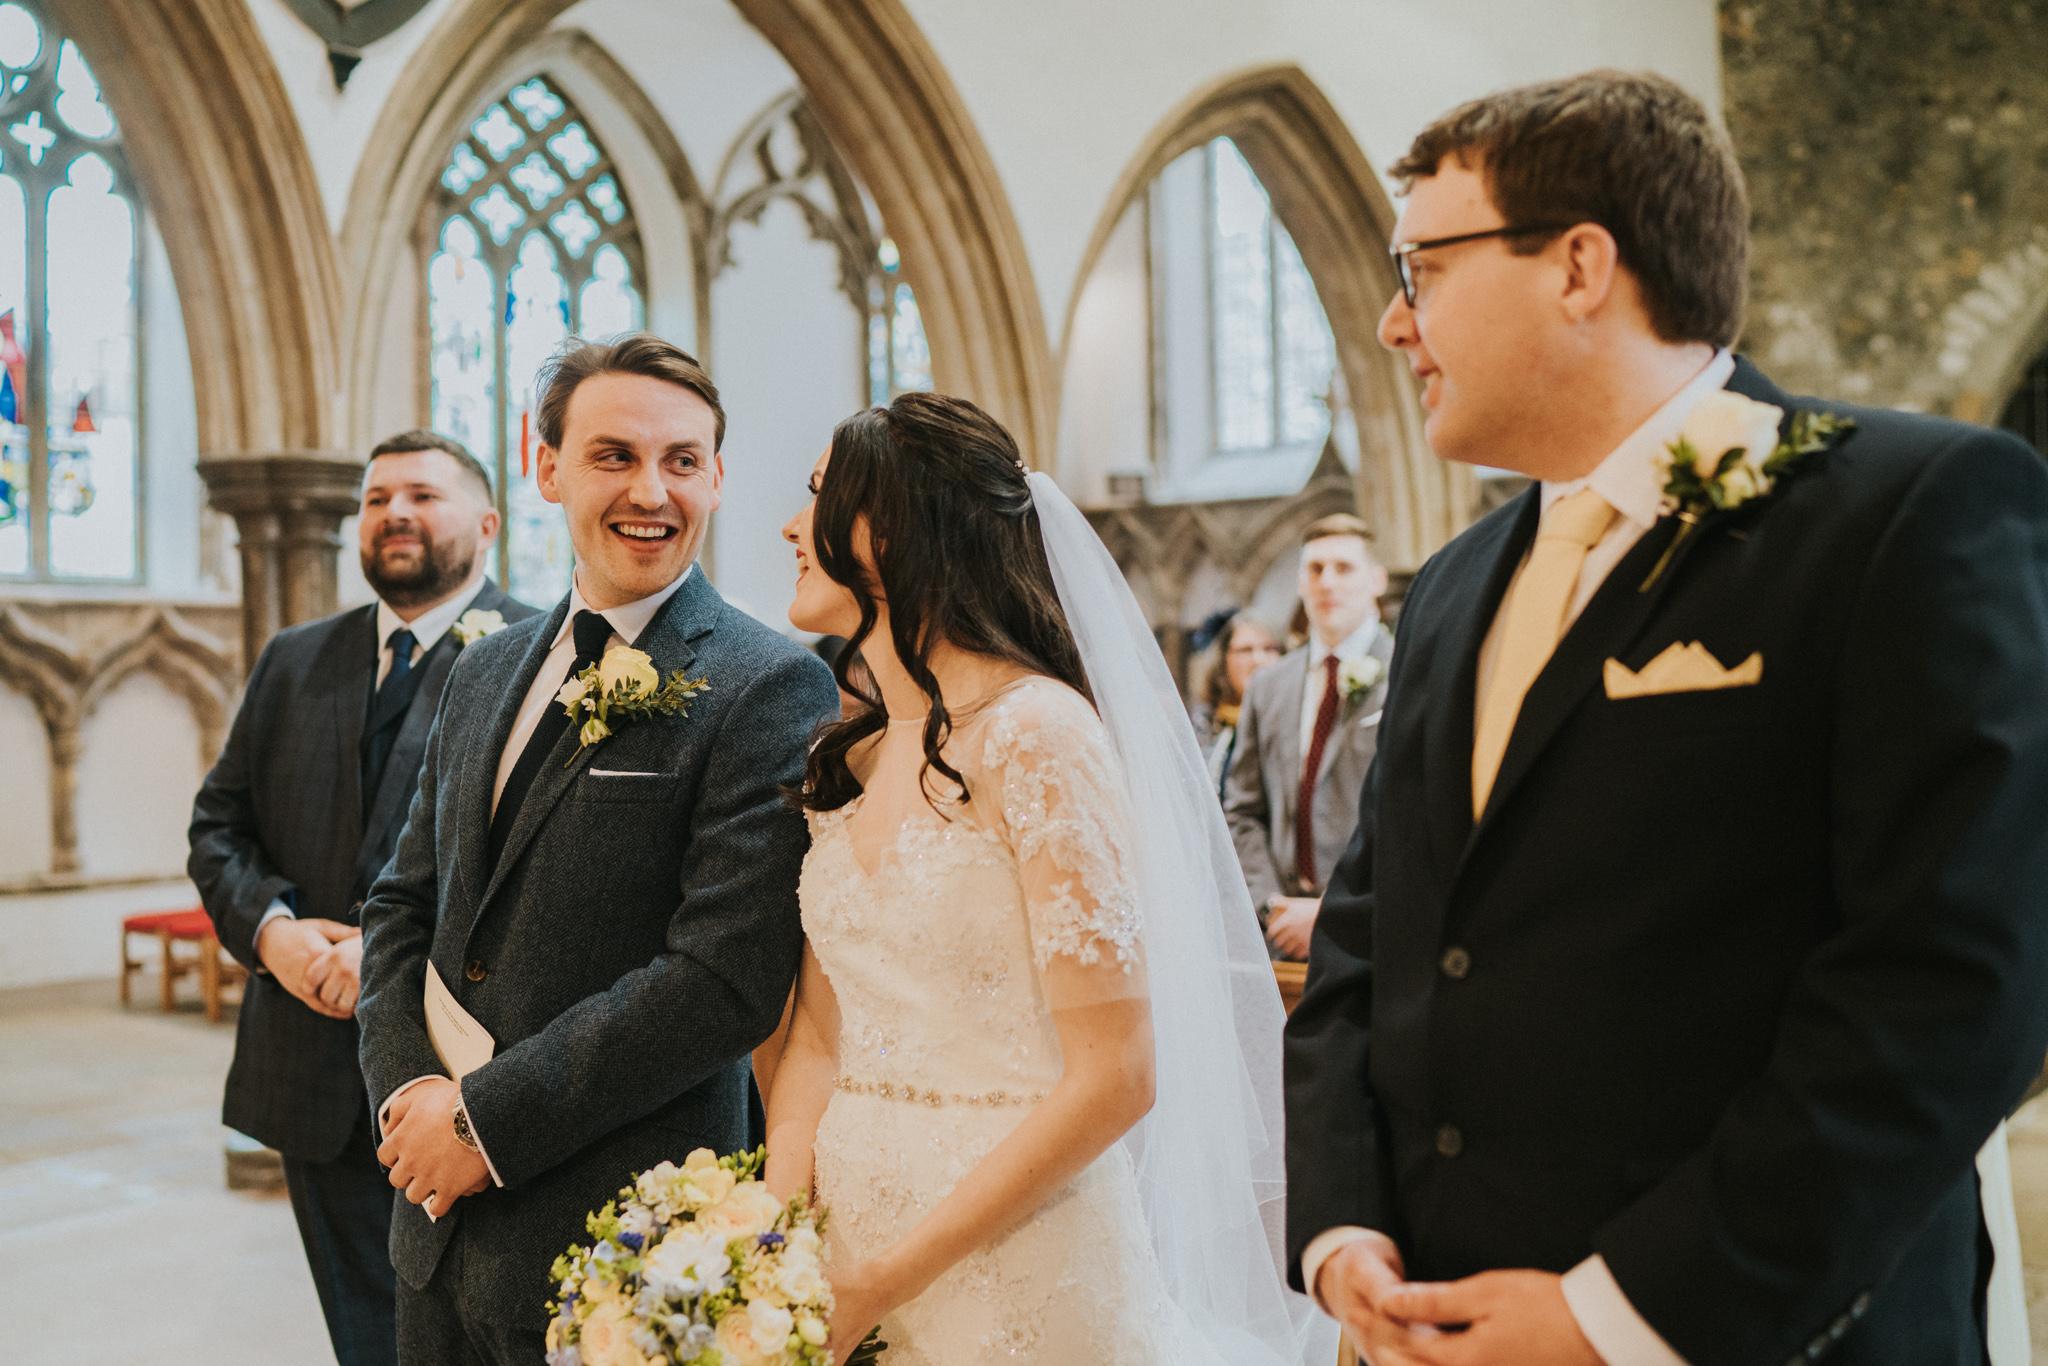 anne-charlie-maldon-all-saints-church-wedding-intimate-wedding-grace-elizabeth-colchester-essex-alternative-wedding-lifestyle-photographer-colchester-essex-suffolk-norfolk-devon (4 of 17).jpg